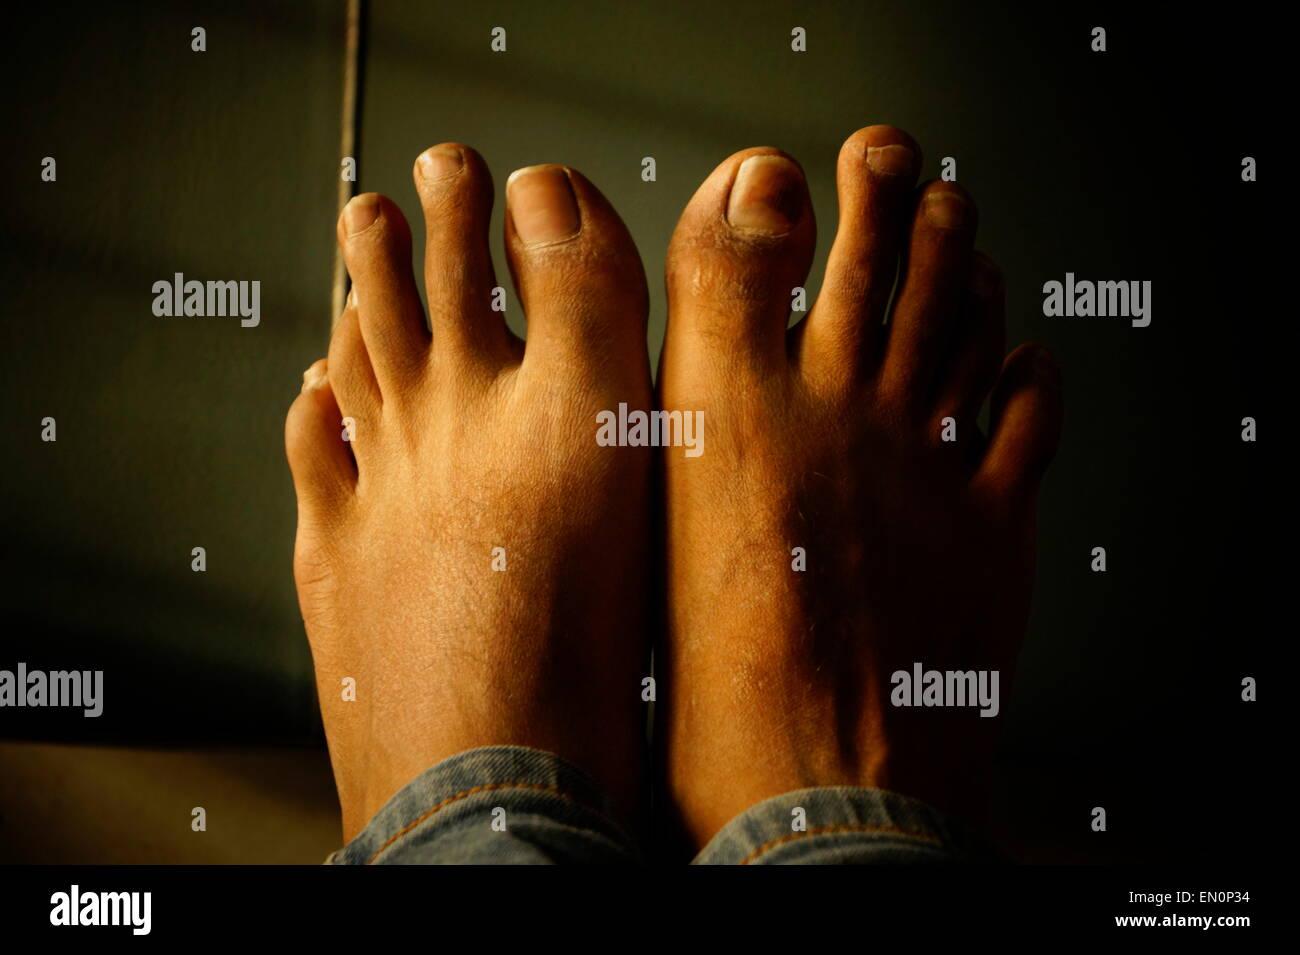 Unique Feet of mine - Stock Image